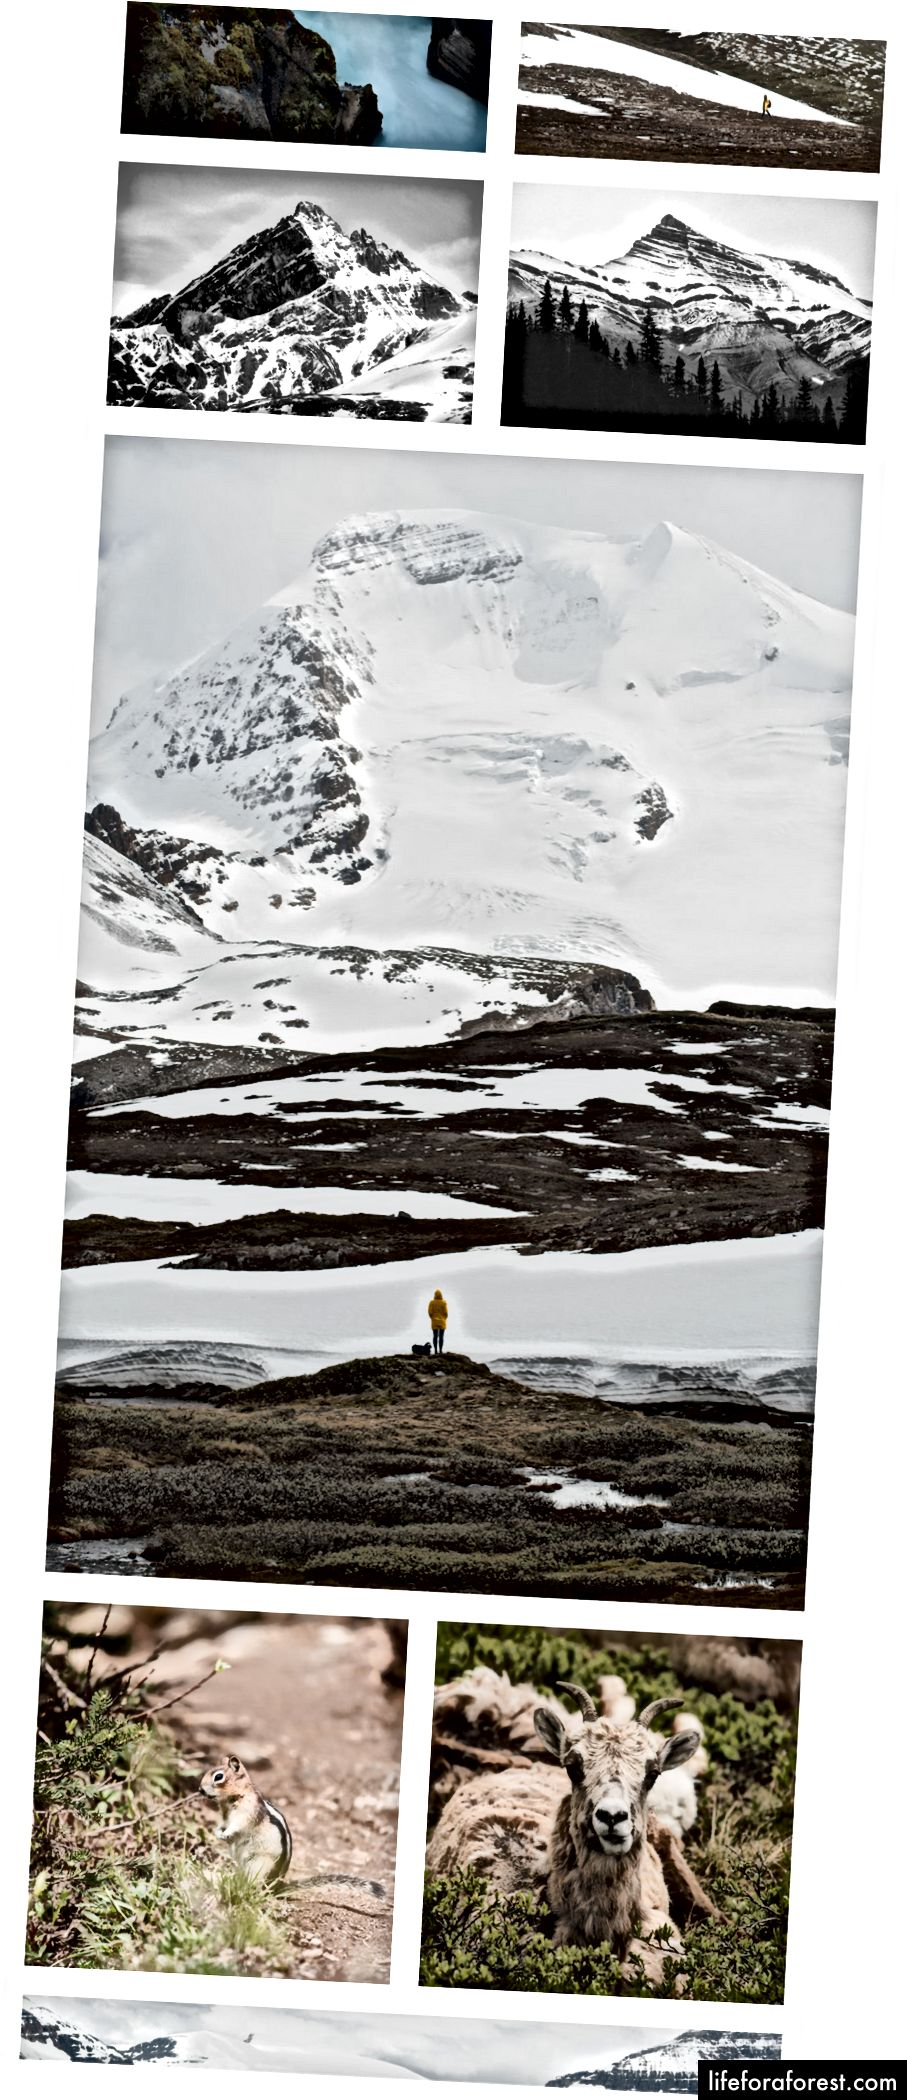 เรื่องราวของการปีนเขาอัลไพน์ในฤดูหนาวพร้อมสัตว์ป่าบางชนิด